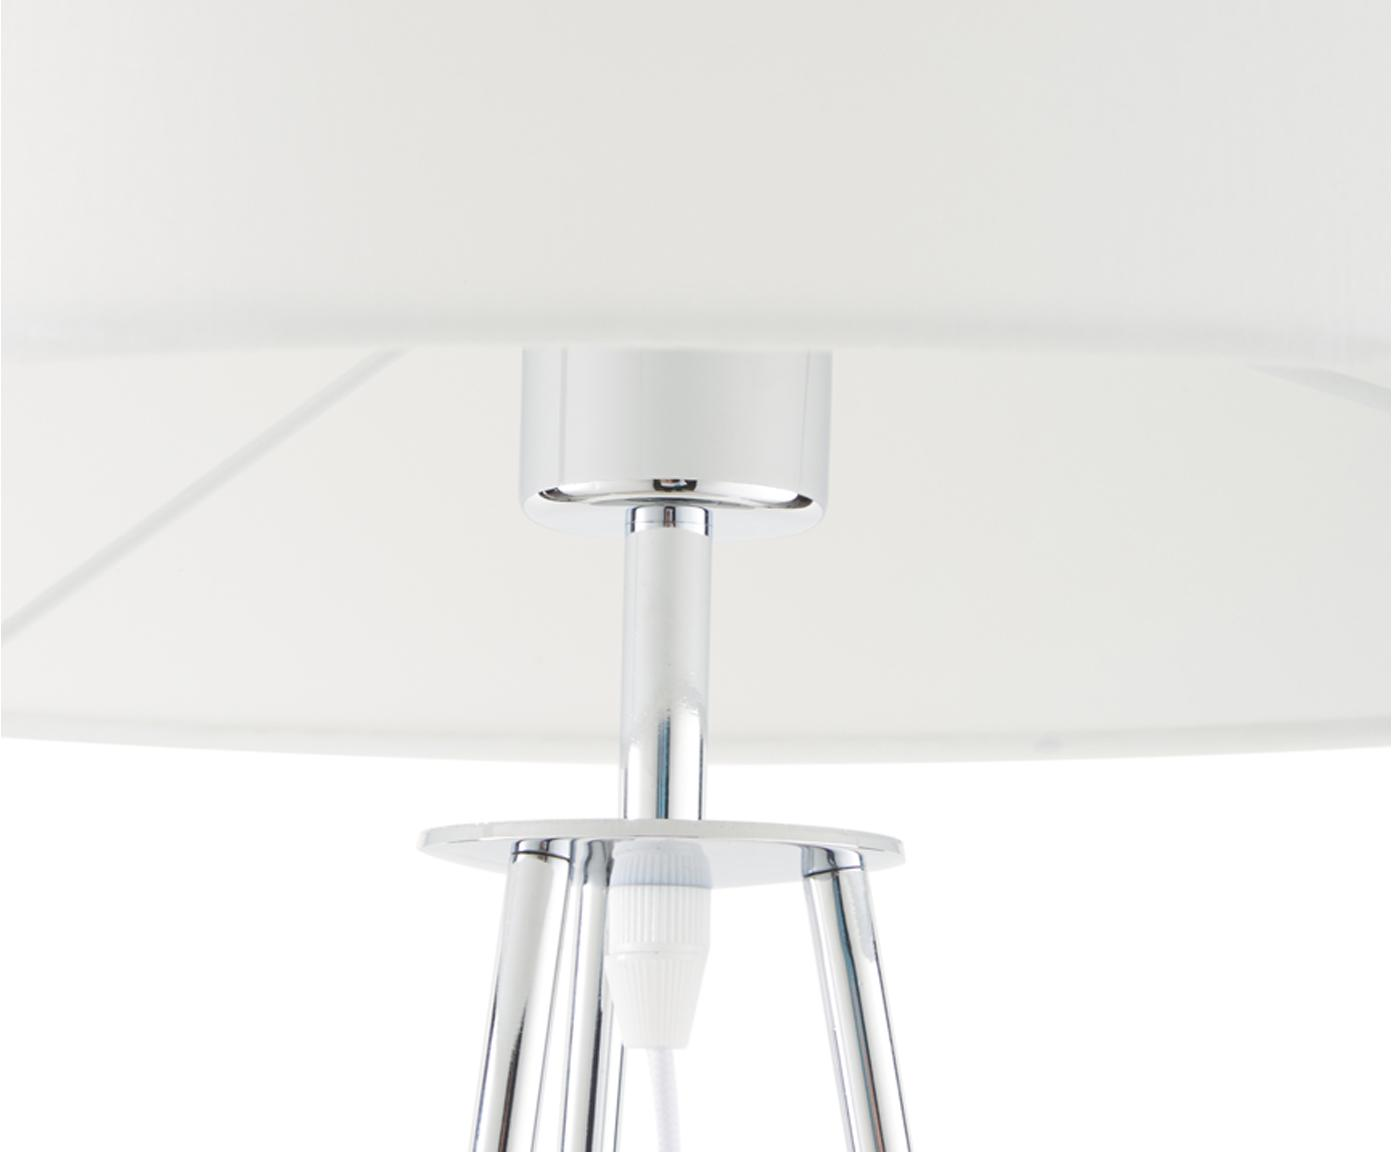 Stehlampe Jessica, Lampenschirm: Textil, Lampenfuß: Metall, verchromt, Weiß, Chrom, Ø 45 x H 155 cm